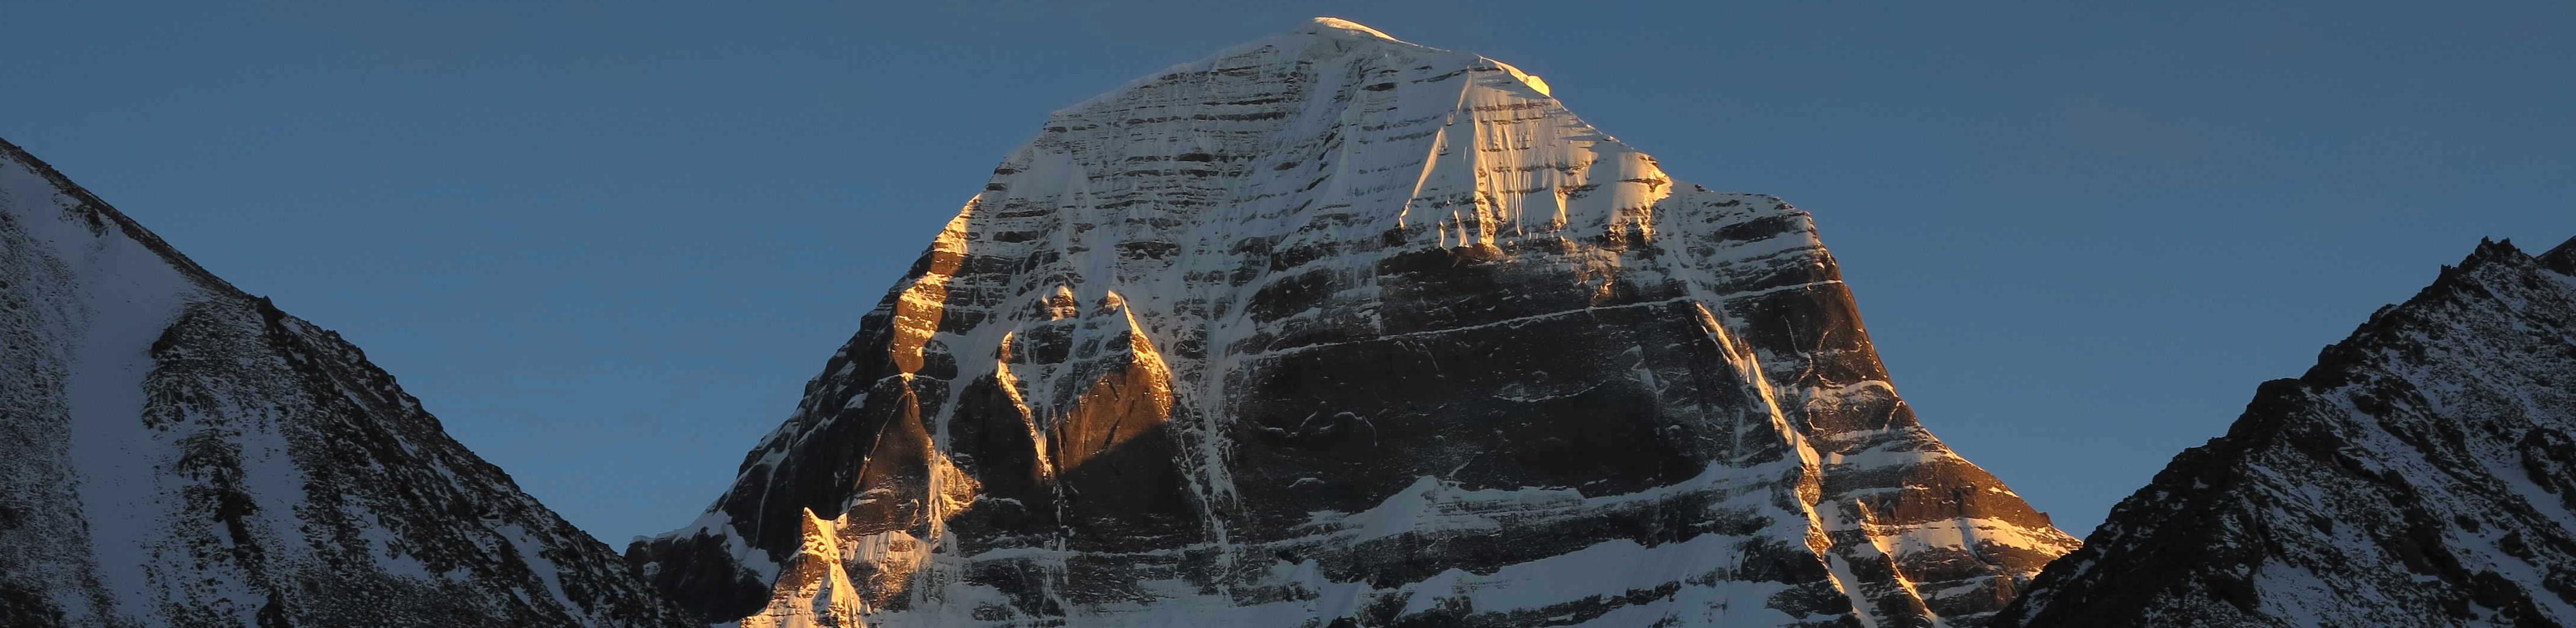 Extensão Lua Cheia no Monte Kailash